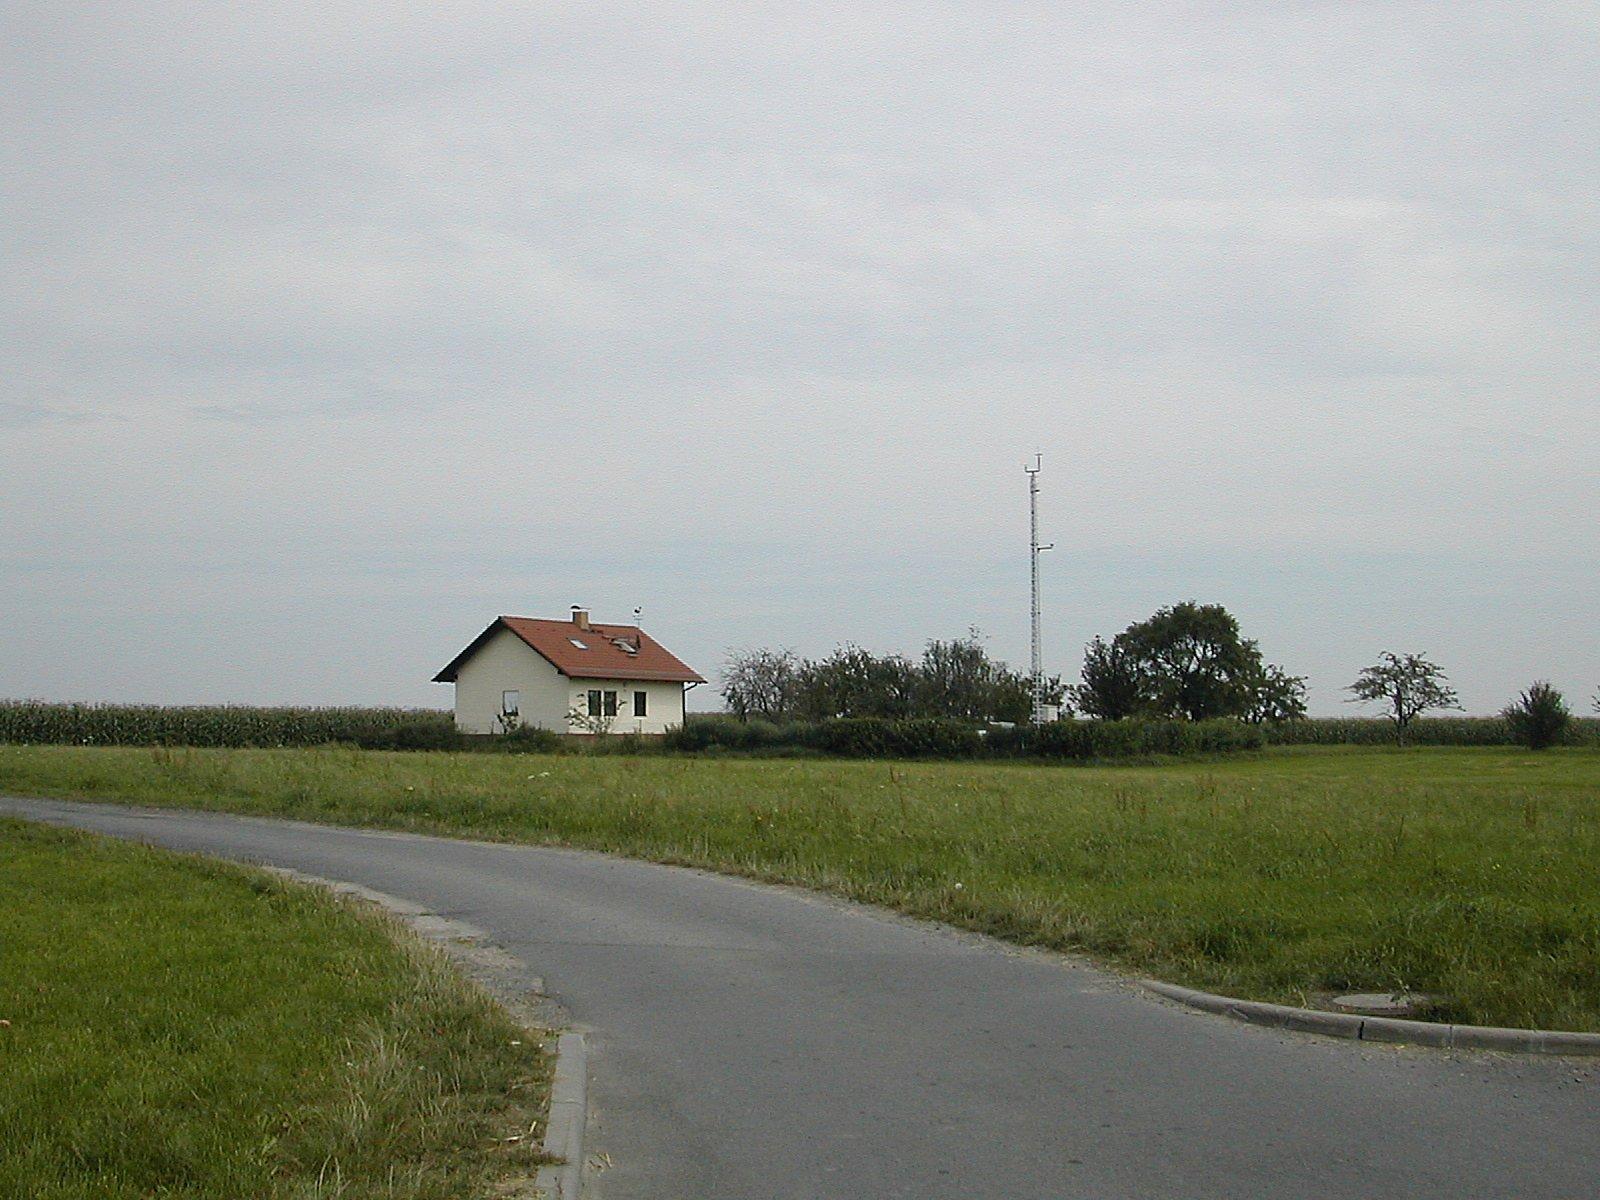 http://www.schoemberg-wetter.de/Fotos/wx/Vielbrunn%201.JPG